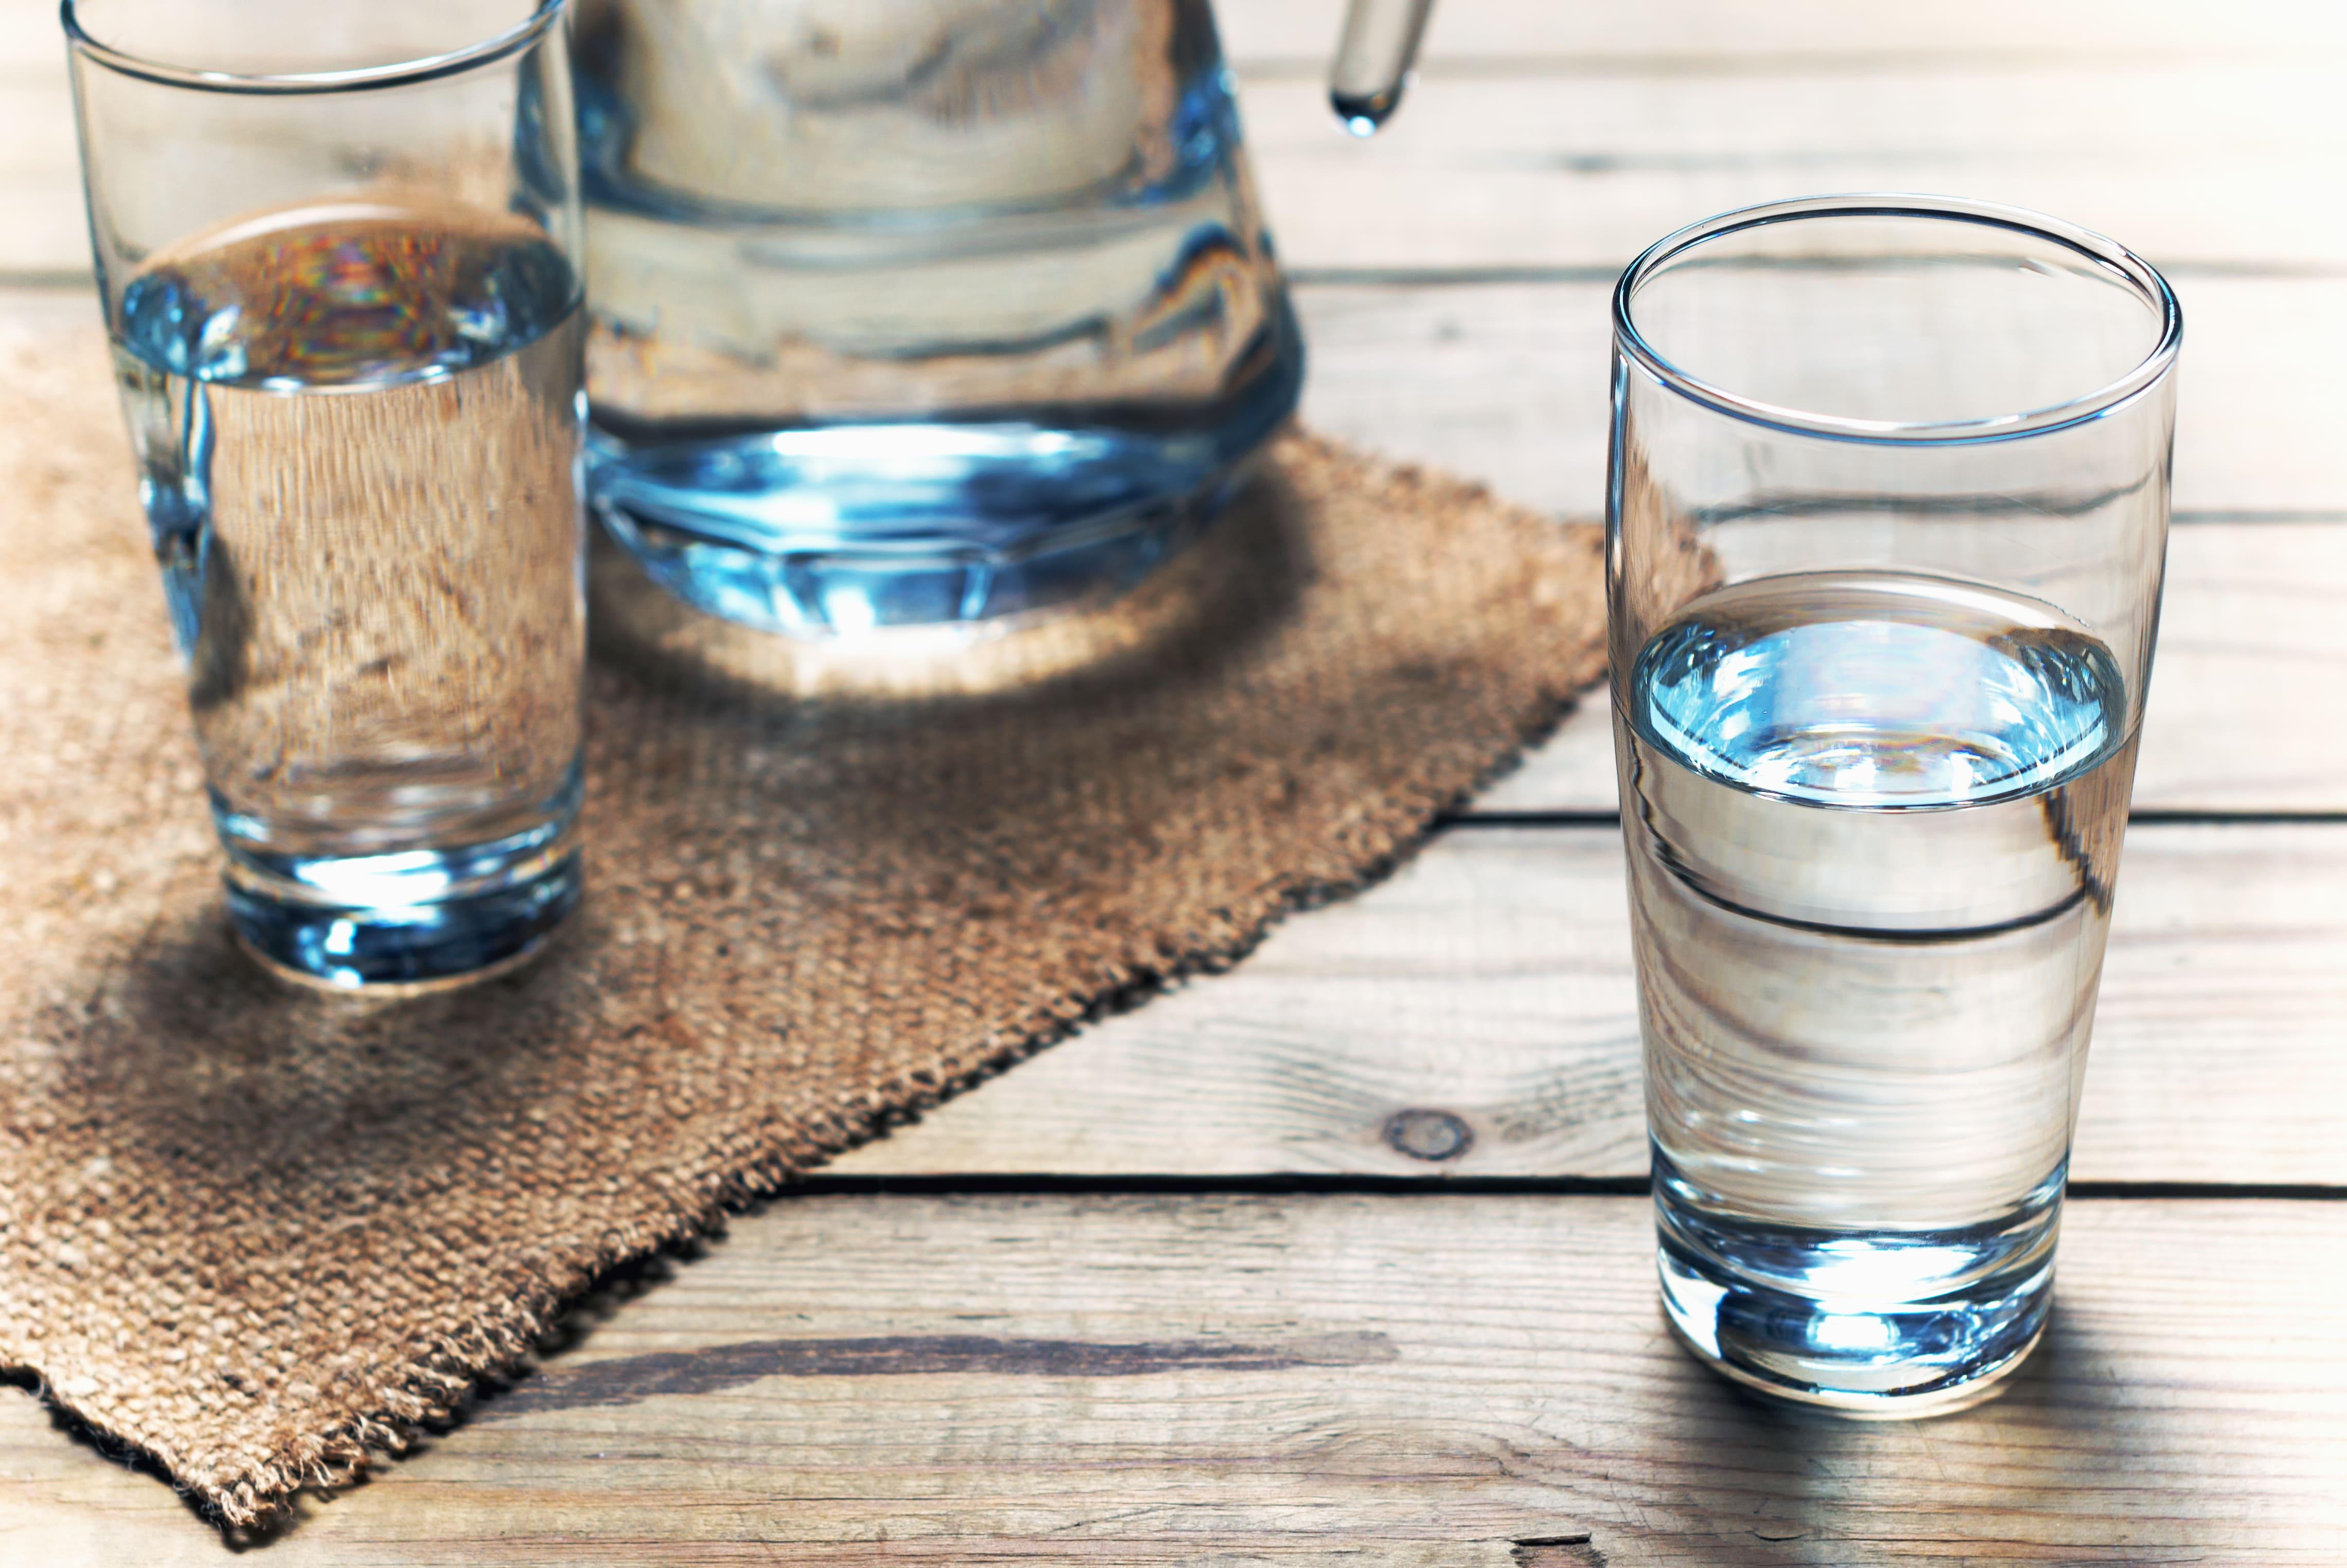 Imagem de 2 copos de água para remeter ao empreendedor que deseja saber como abrir uma distribuidora de água mineral